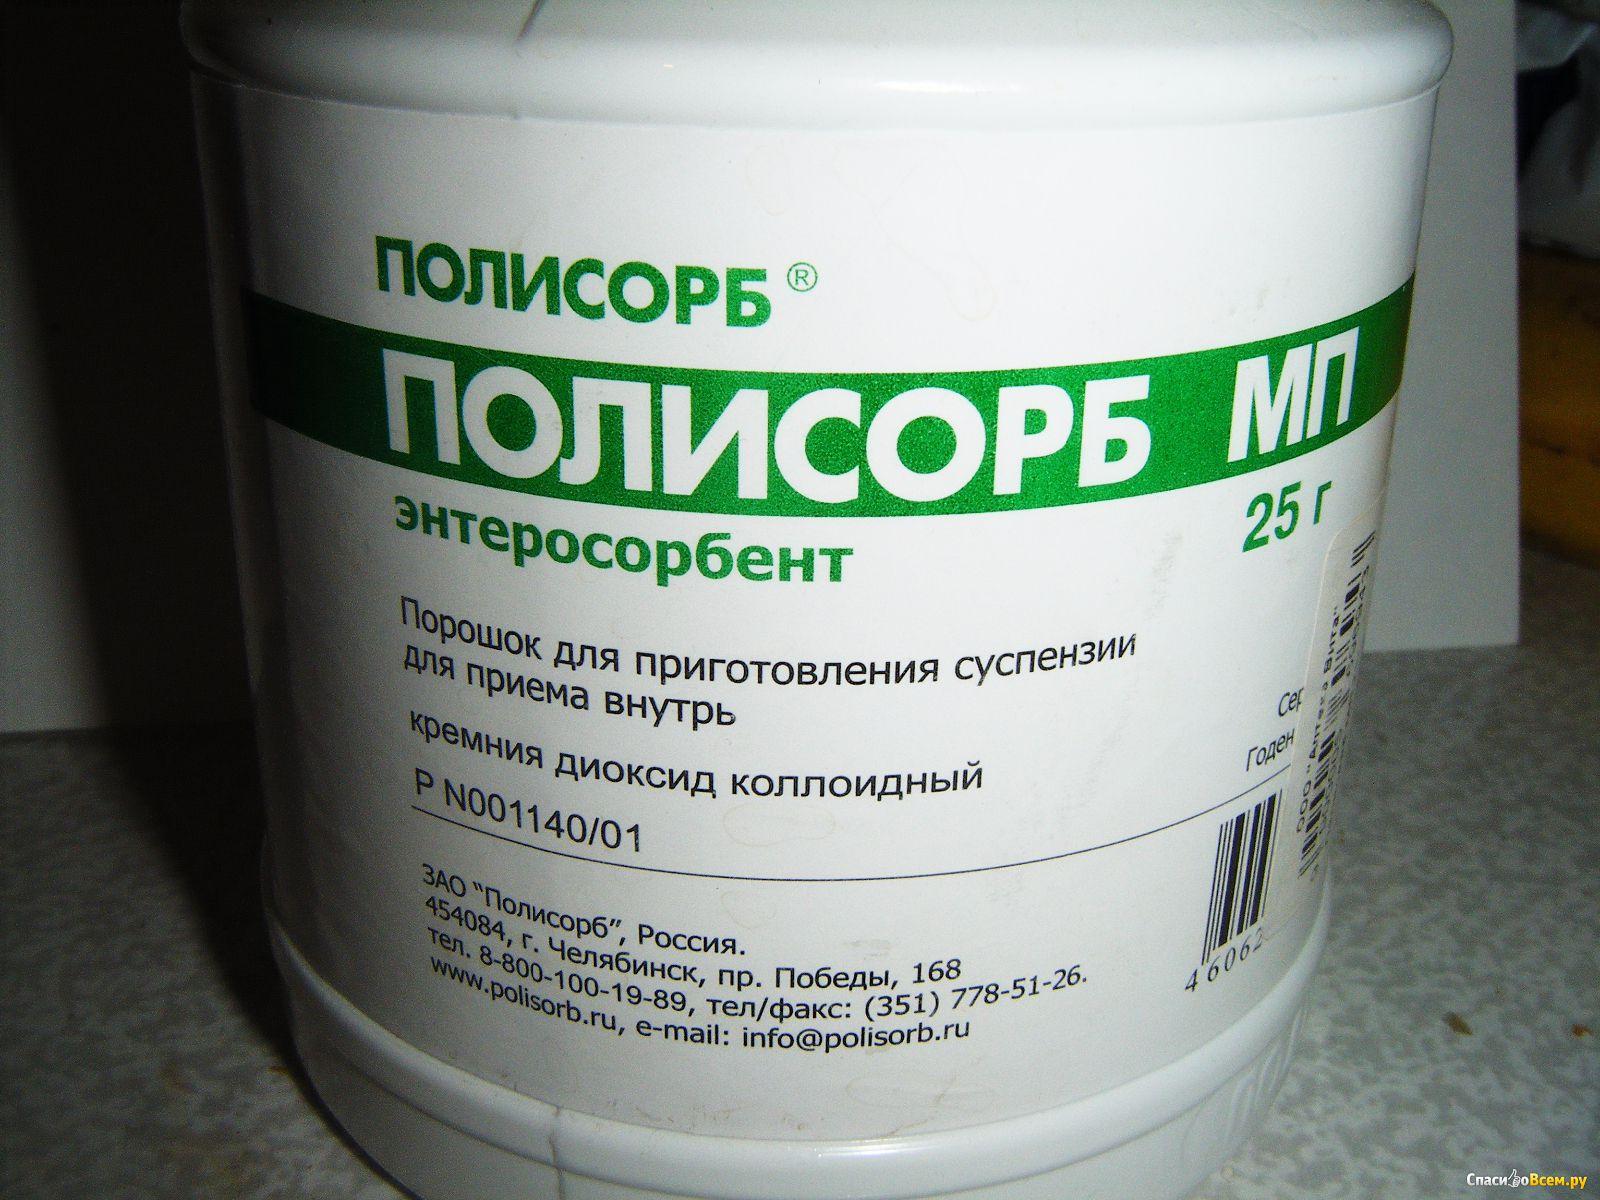 Полисорб для похудения купить в аптеке